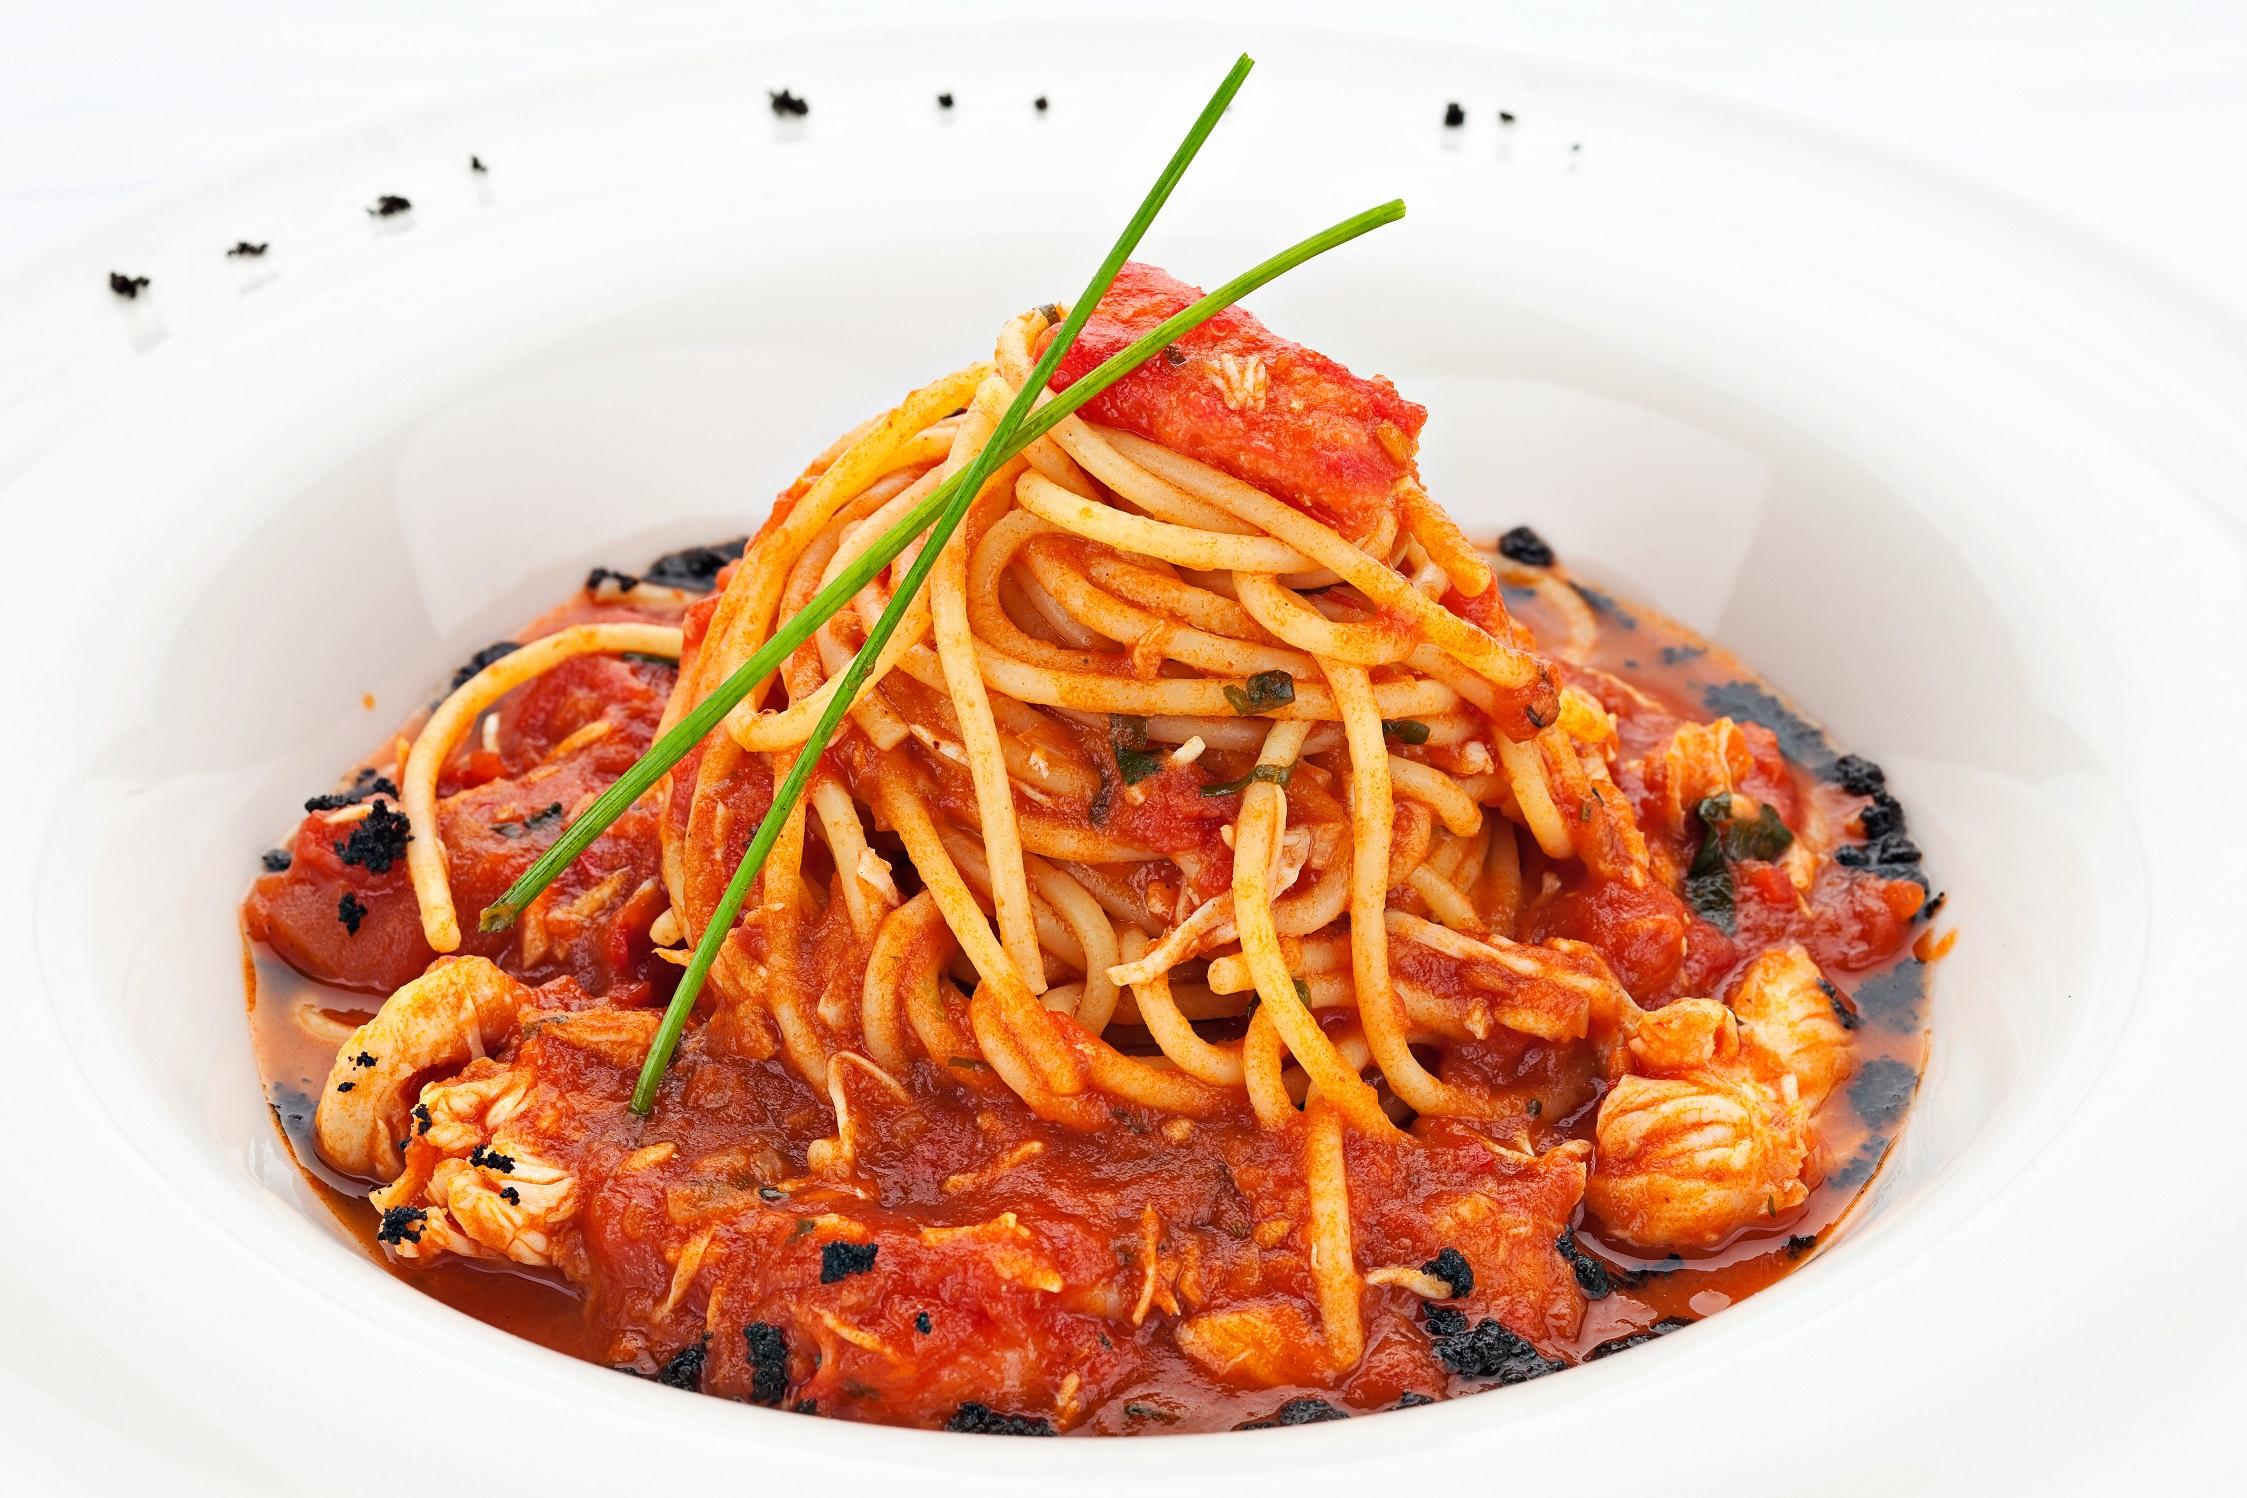 Ресторан Мумий Тролль Music Bar - Спагетти с камчатским крабом в томатном соусе